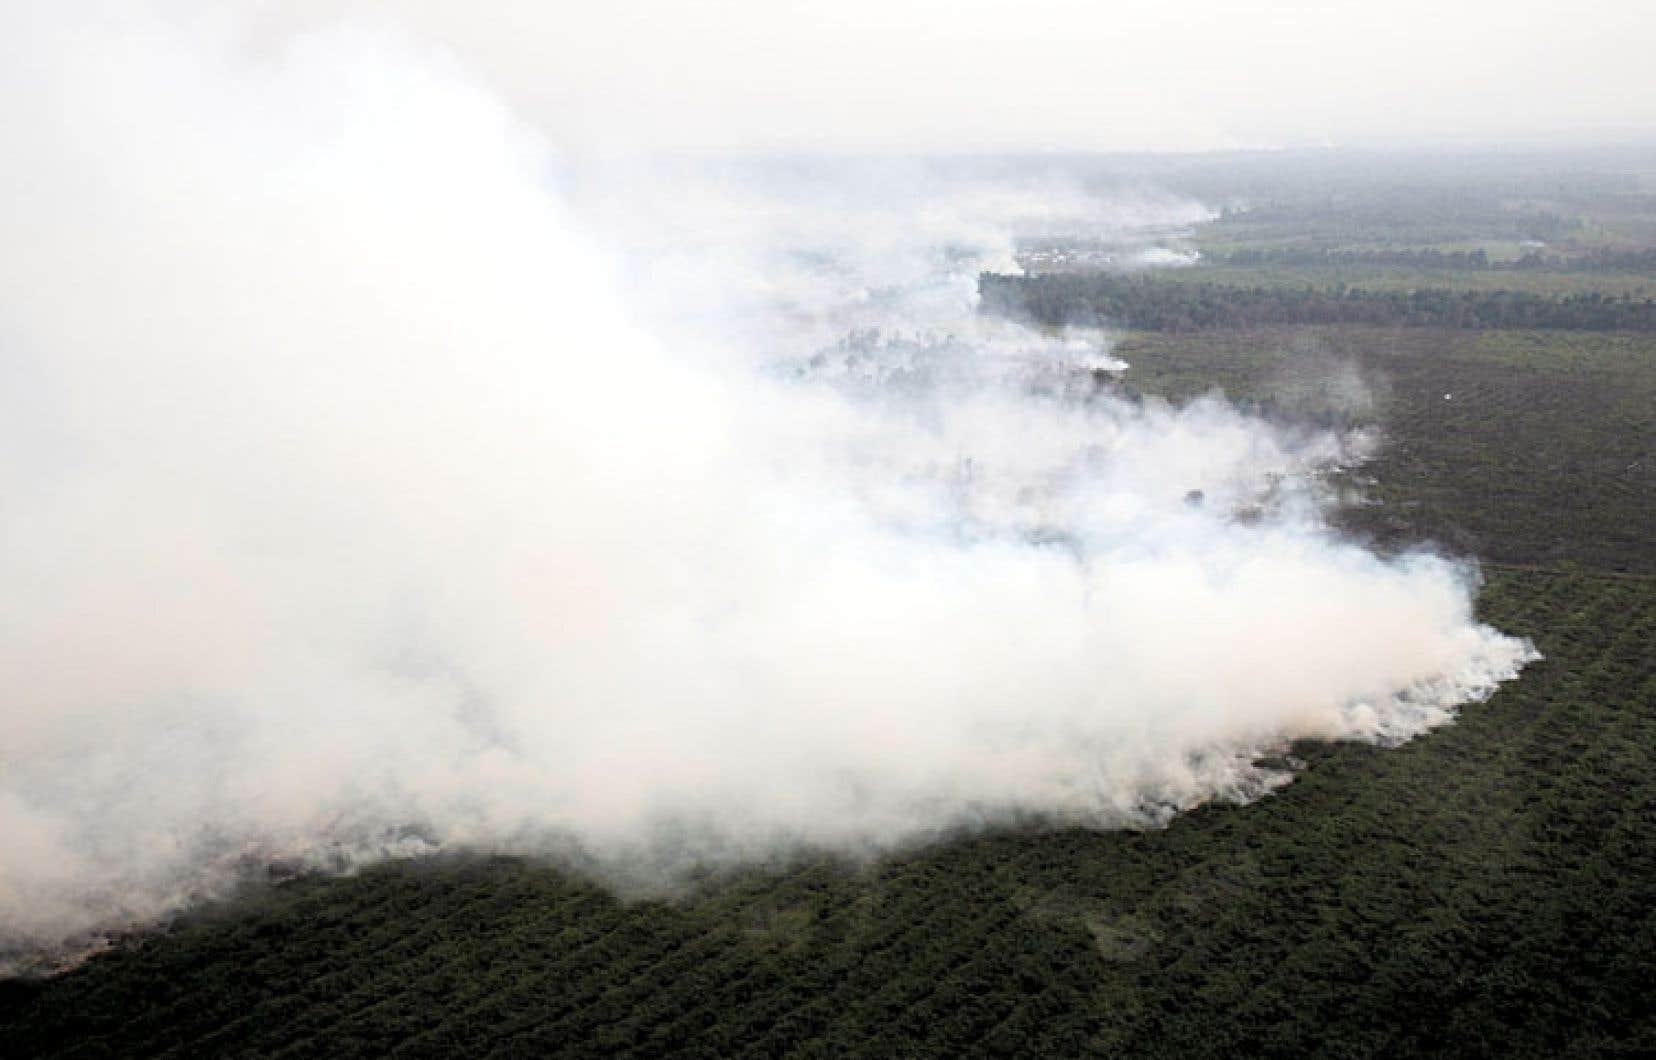 Cette fumée épaisse provient des feux de forêt allumés dans la province de Riau à Sumatra.